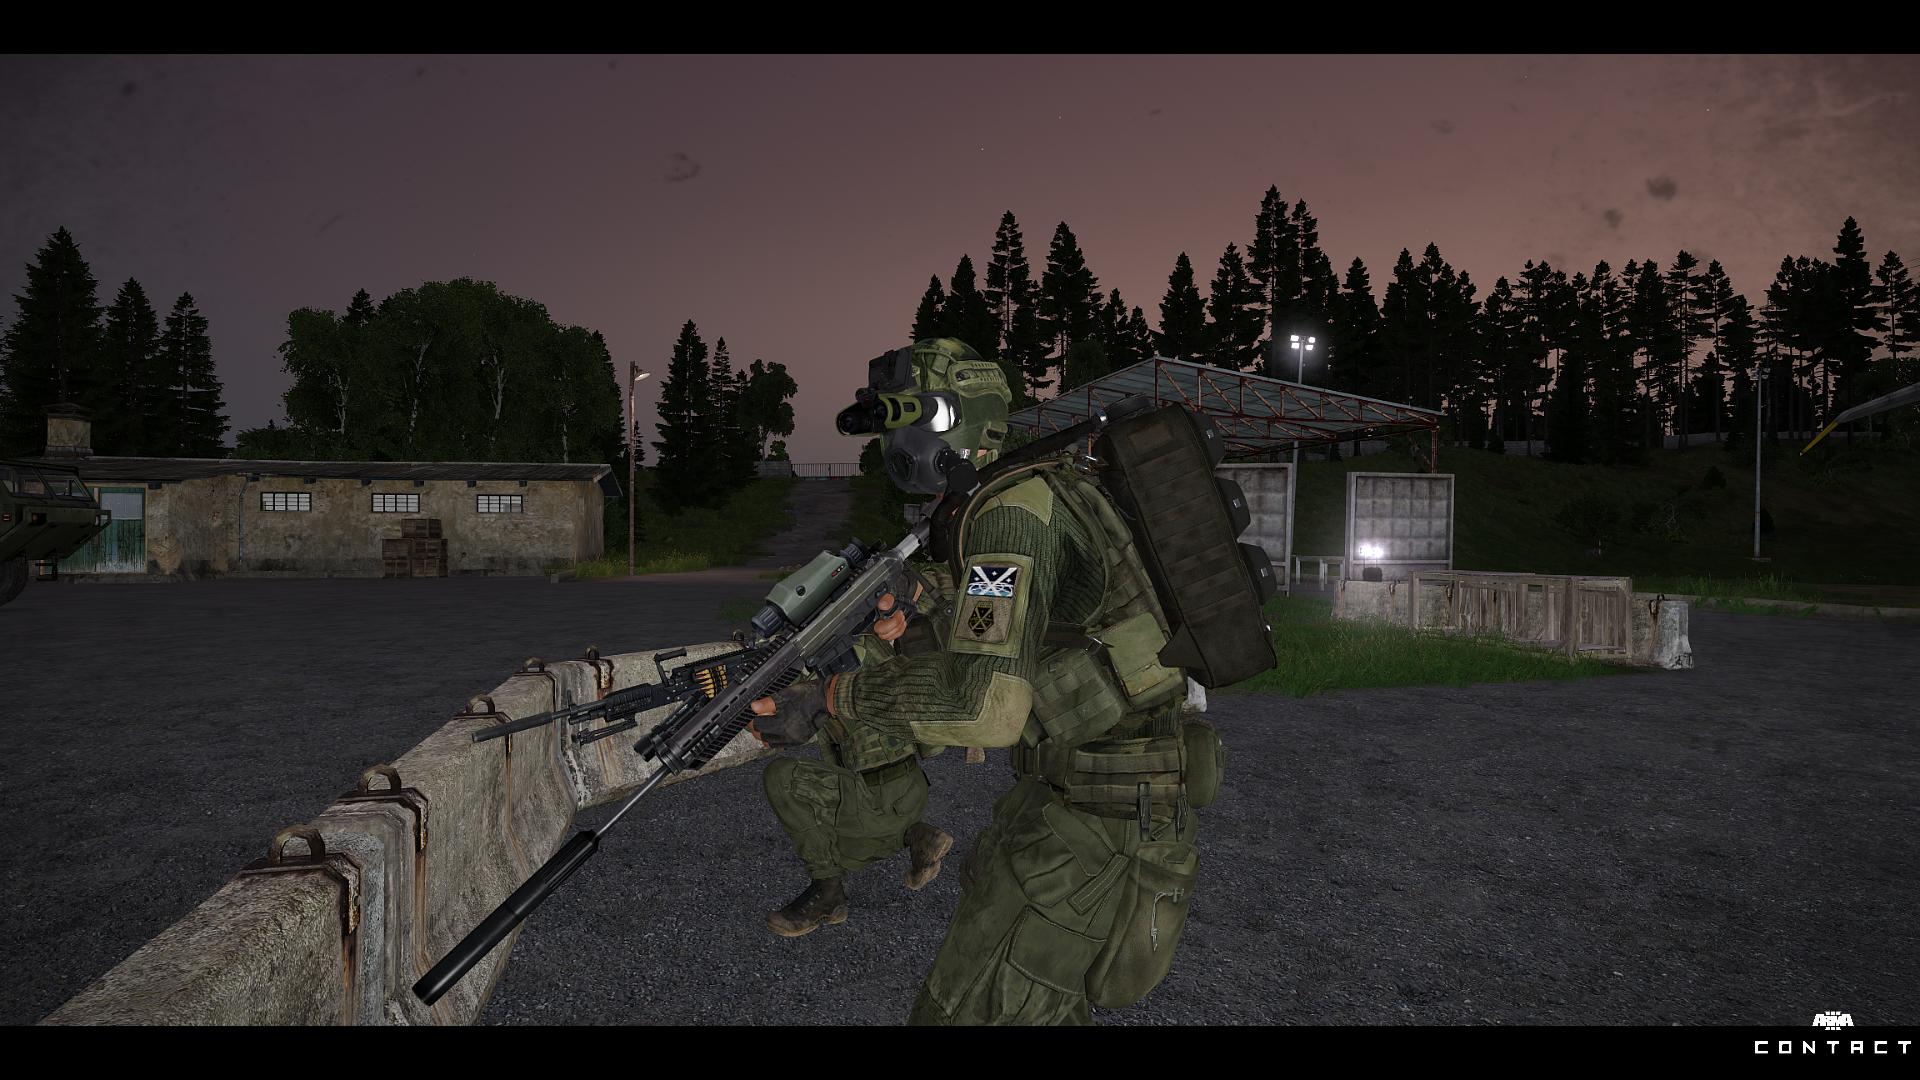 ArmA_3_Screenshot_2019.07.27_-_15.01.35.